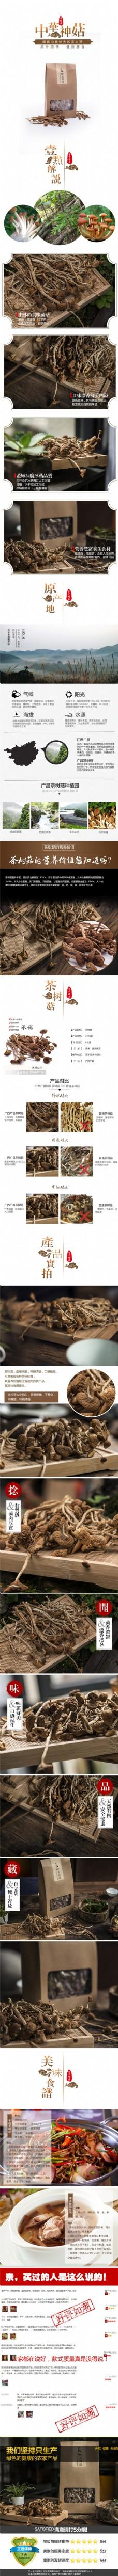 电商淘宝蘑菇香菇美食食品详情页宝贝描述